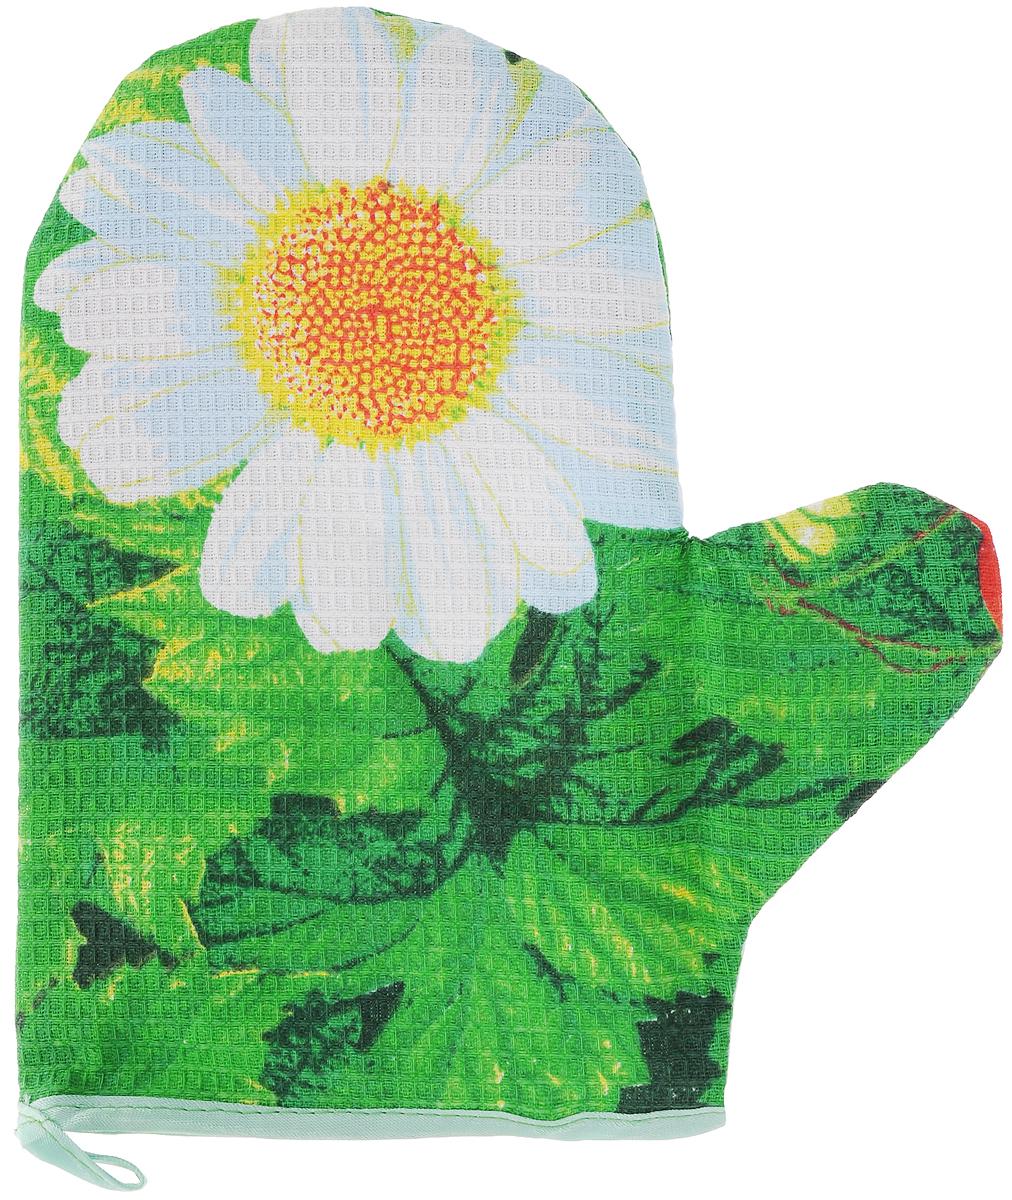 Прихватка-рукавица Roko, 23 х 19,5 смSVC-300Прихватка-рукавица Roko, изготовленная из 100% хлопка, оформлена красочным принтом. Изделие оснащено текстильной петелькой для подвешивания на крючок. Такая прихватка защитит ваши руки от высоких температур и предотвратит появление ожогов. Уважаемые клиенты! Товар поставляется в цветовом ассортименте. Поставка осуществляется в зависимости от наличия на складе.Размер изделия (ДхШ): 23 х 19,5 см.